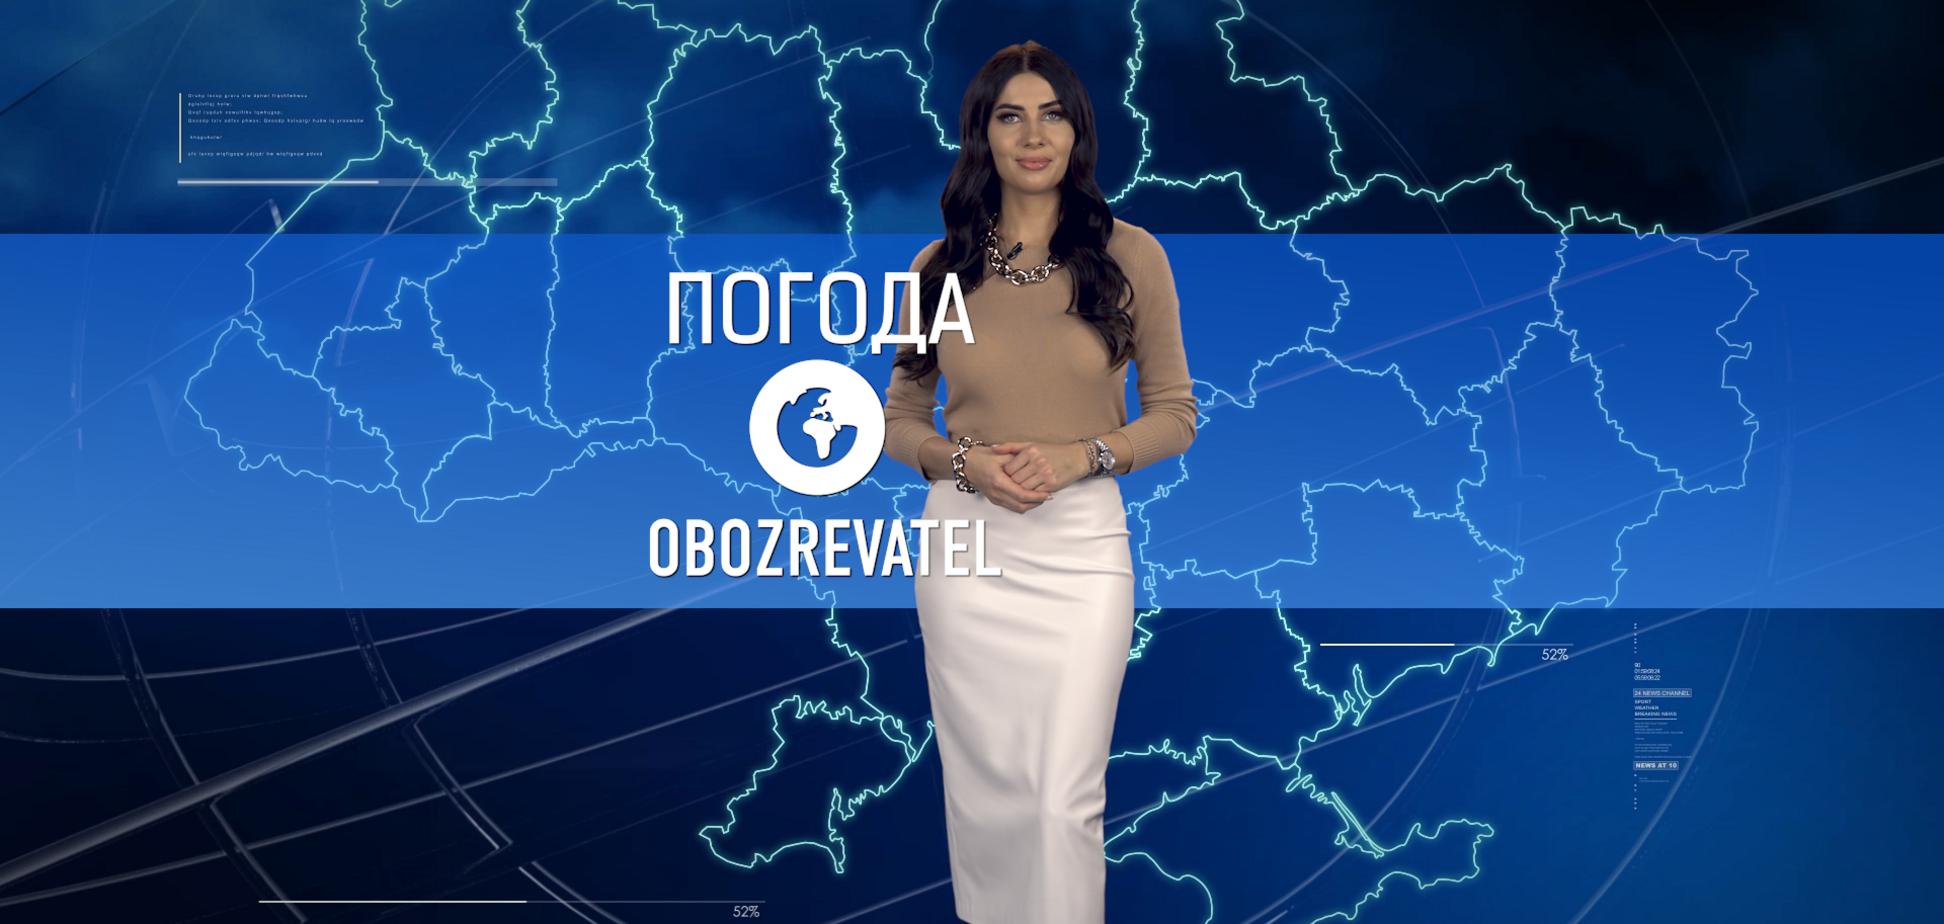 Прогноз погоди в Україні на неділю 14 березня з Алісою Мярковською